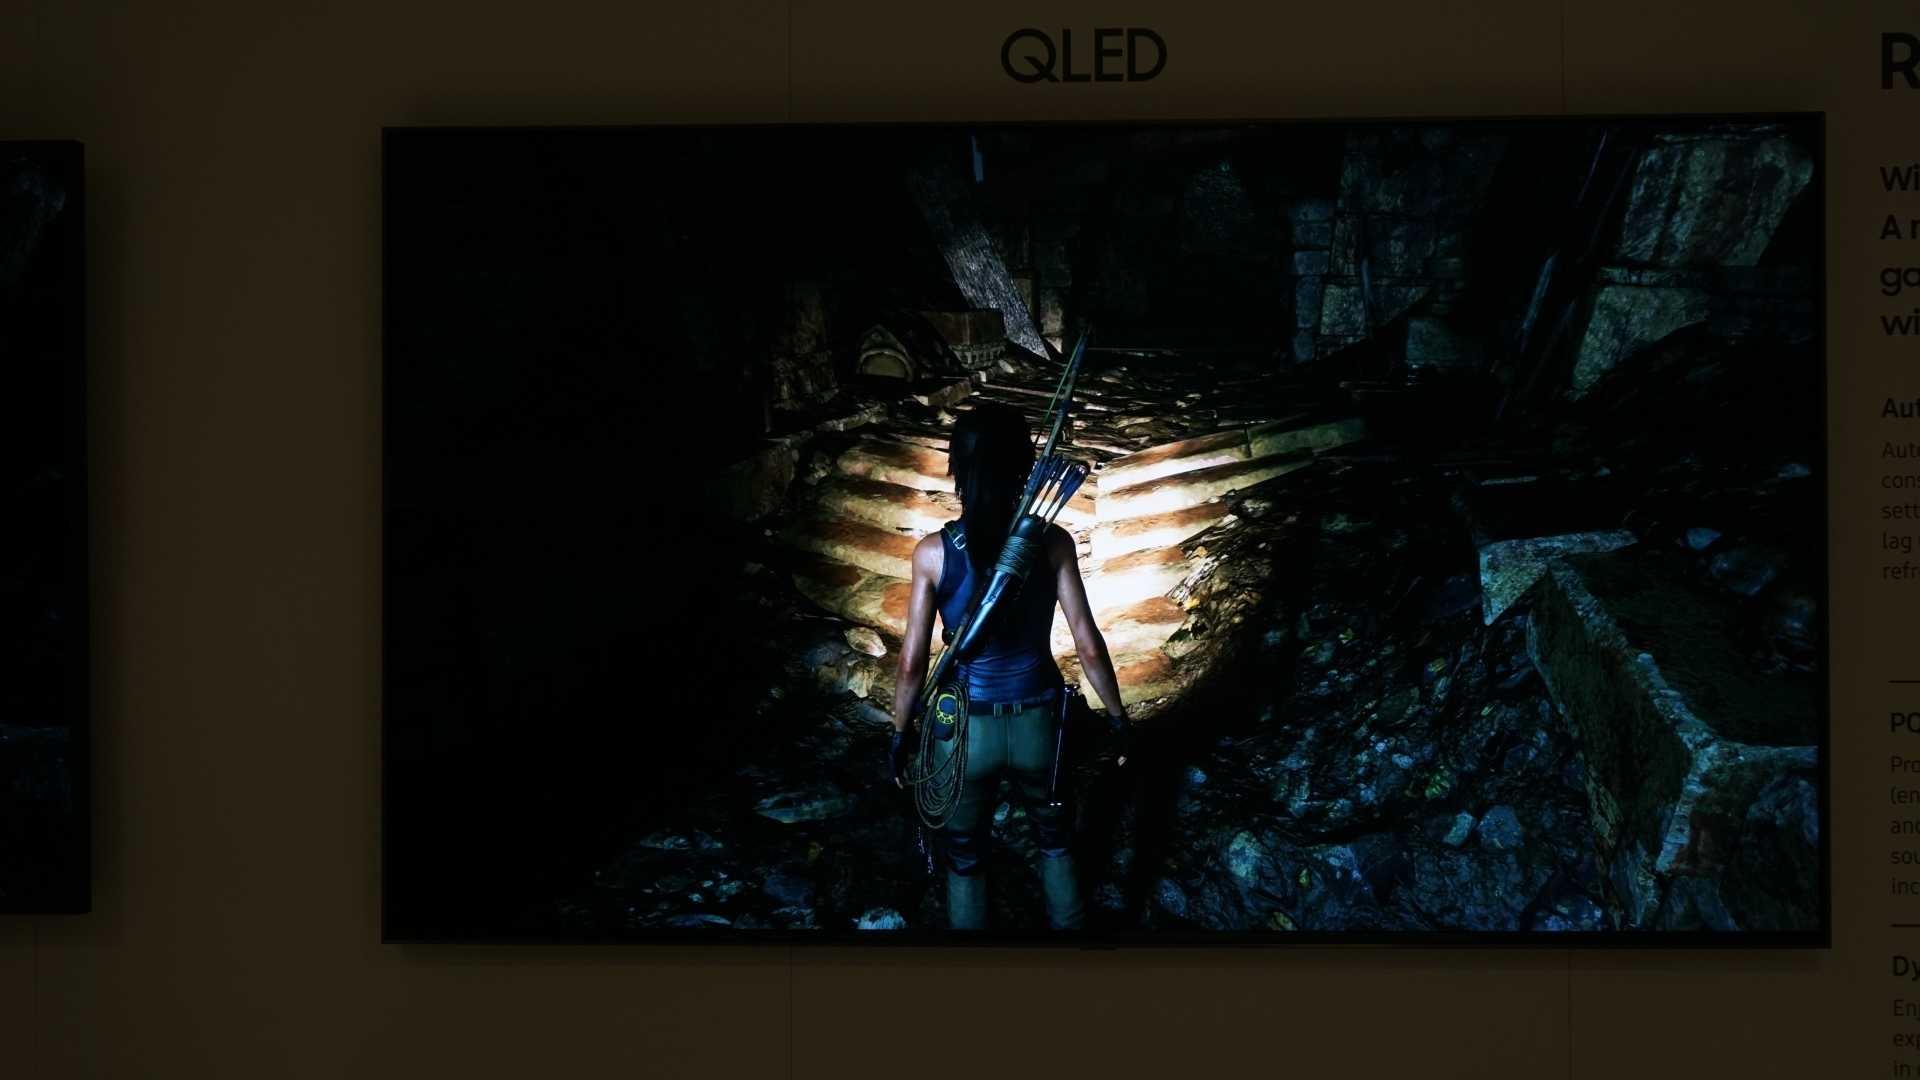 Für Spieler halten die TVs einen Gaming-Modus bereit, der die Latenz auf wenige Millisekunden drückt.